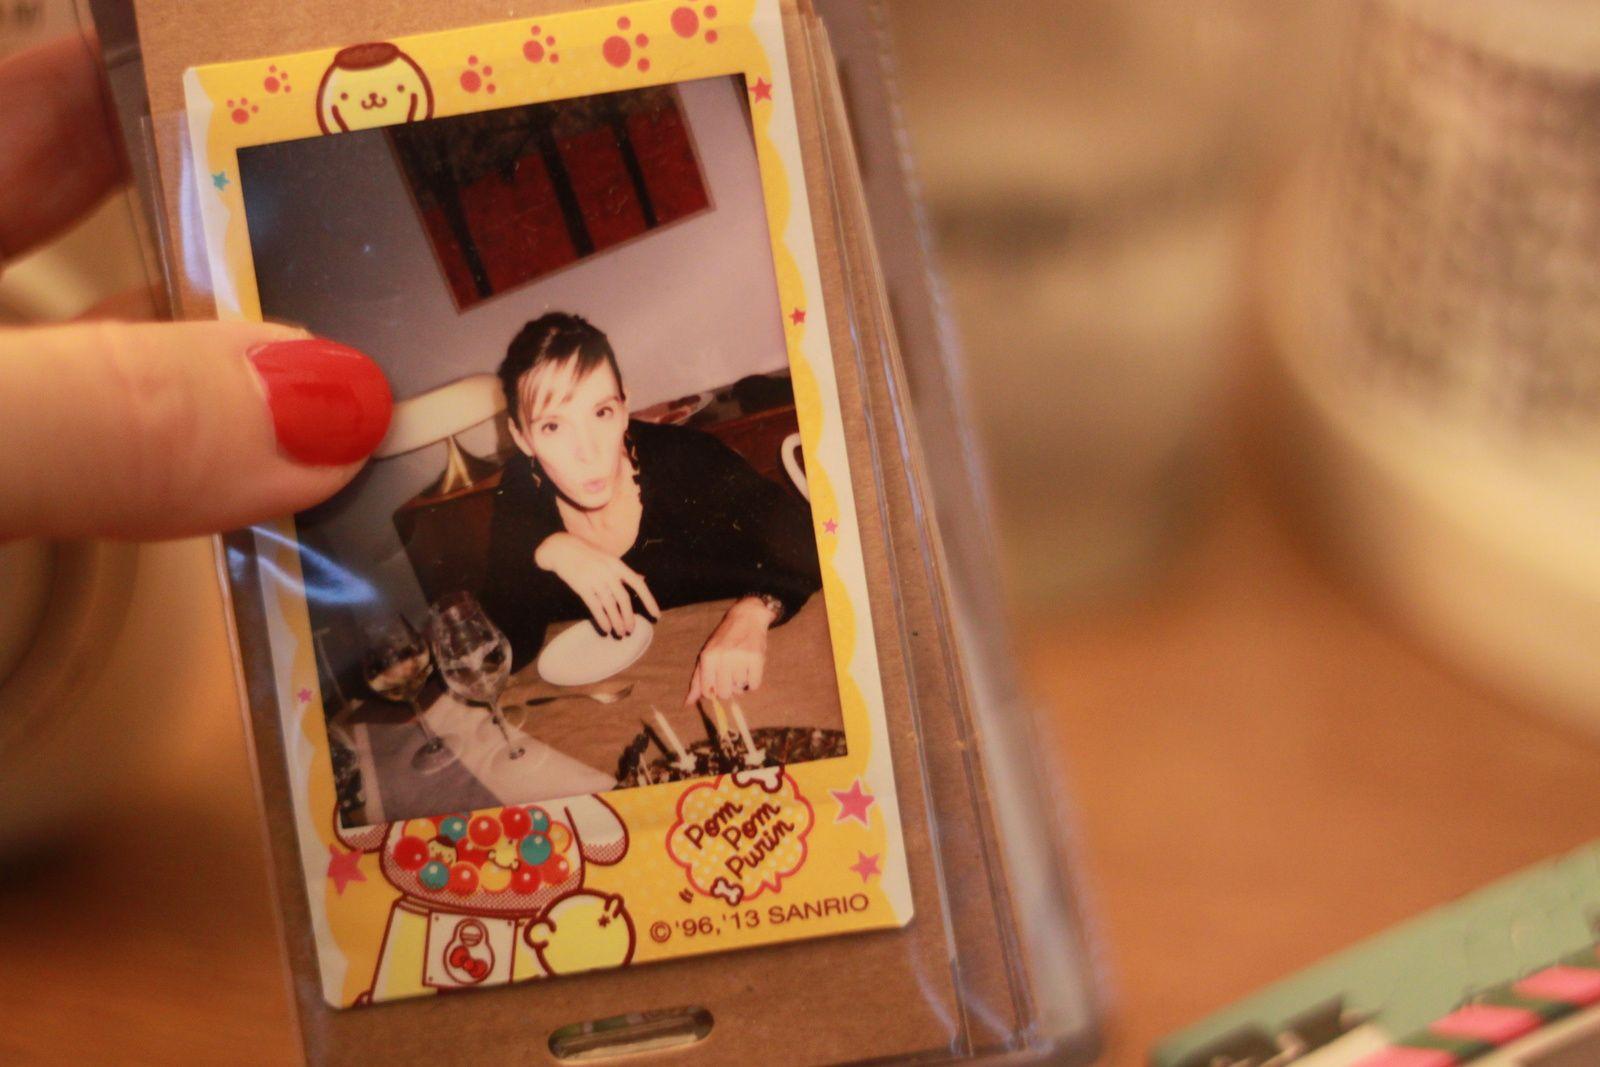 Le grand album a une pochette à la fin pour les cliches moyens ou ratés... &#x3B; )) Films funs dans l'album petit format